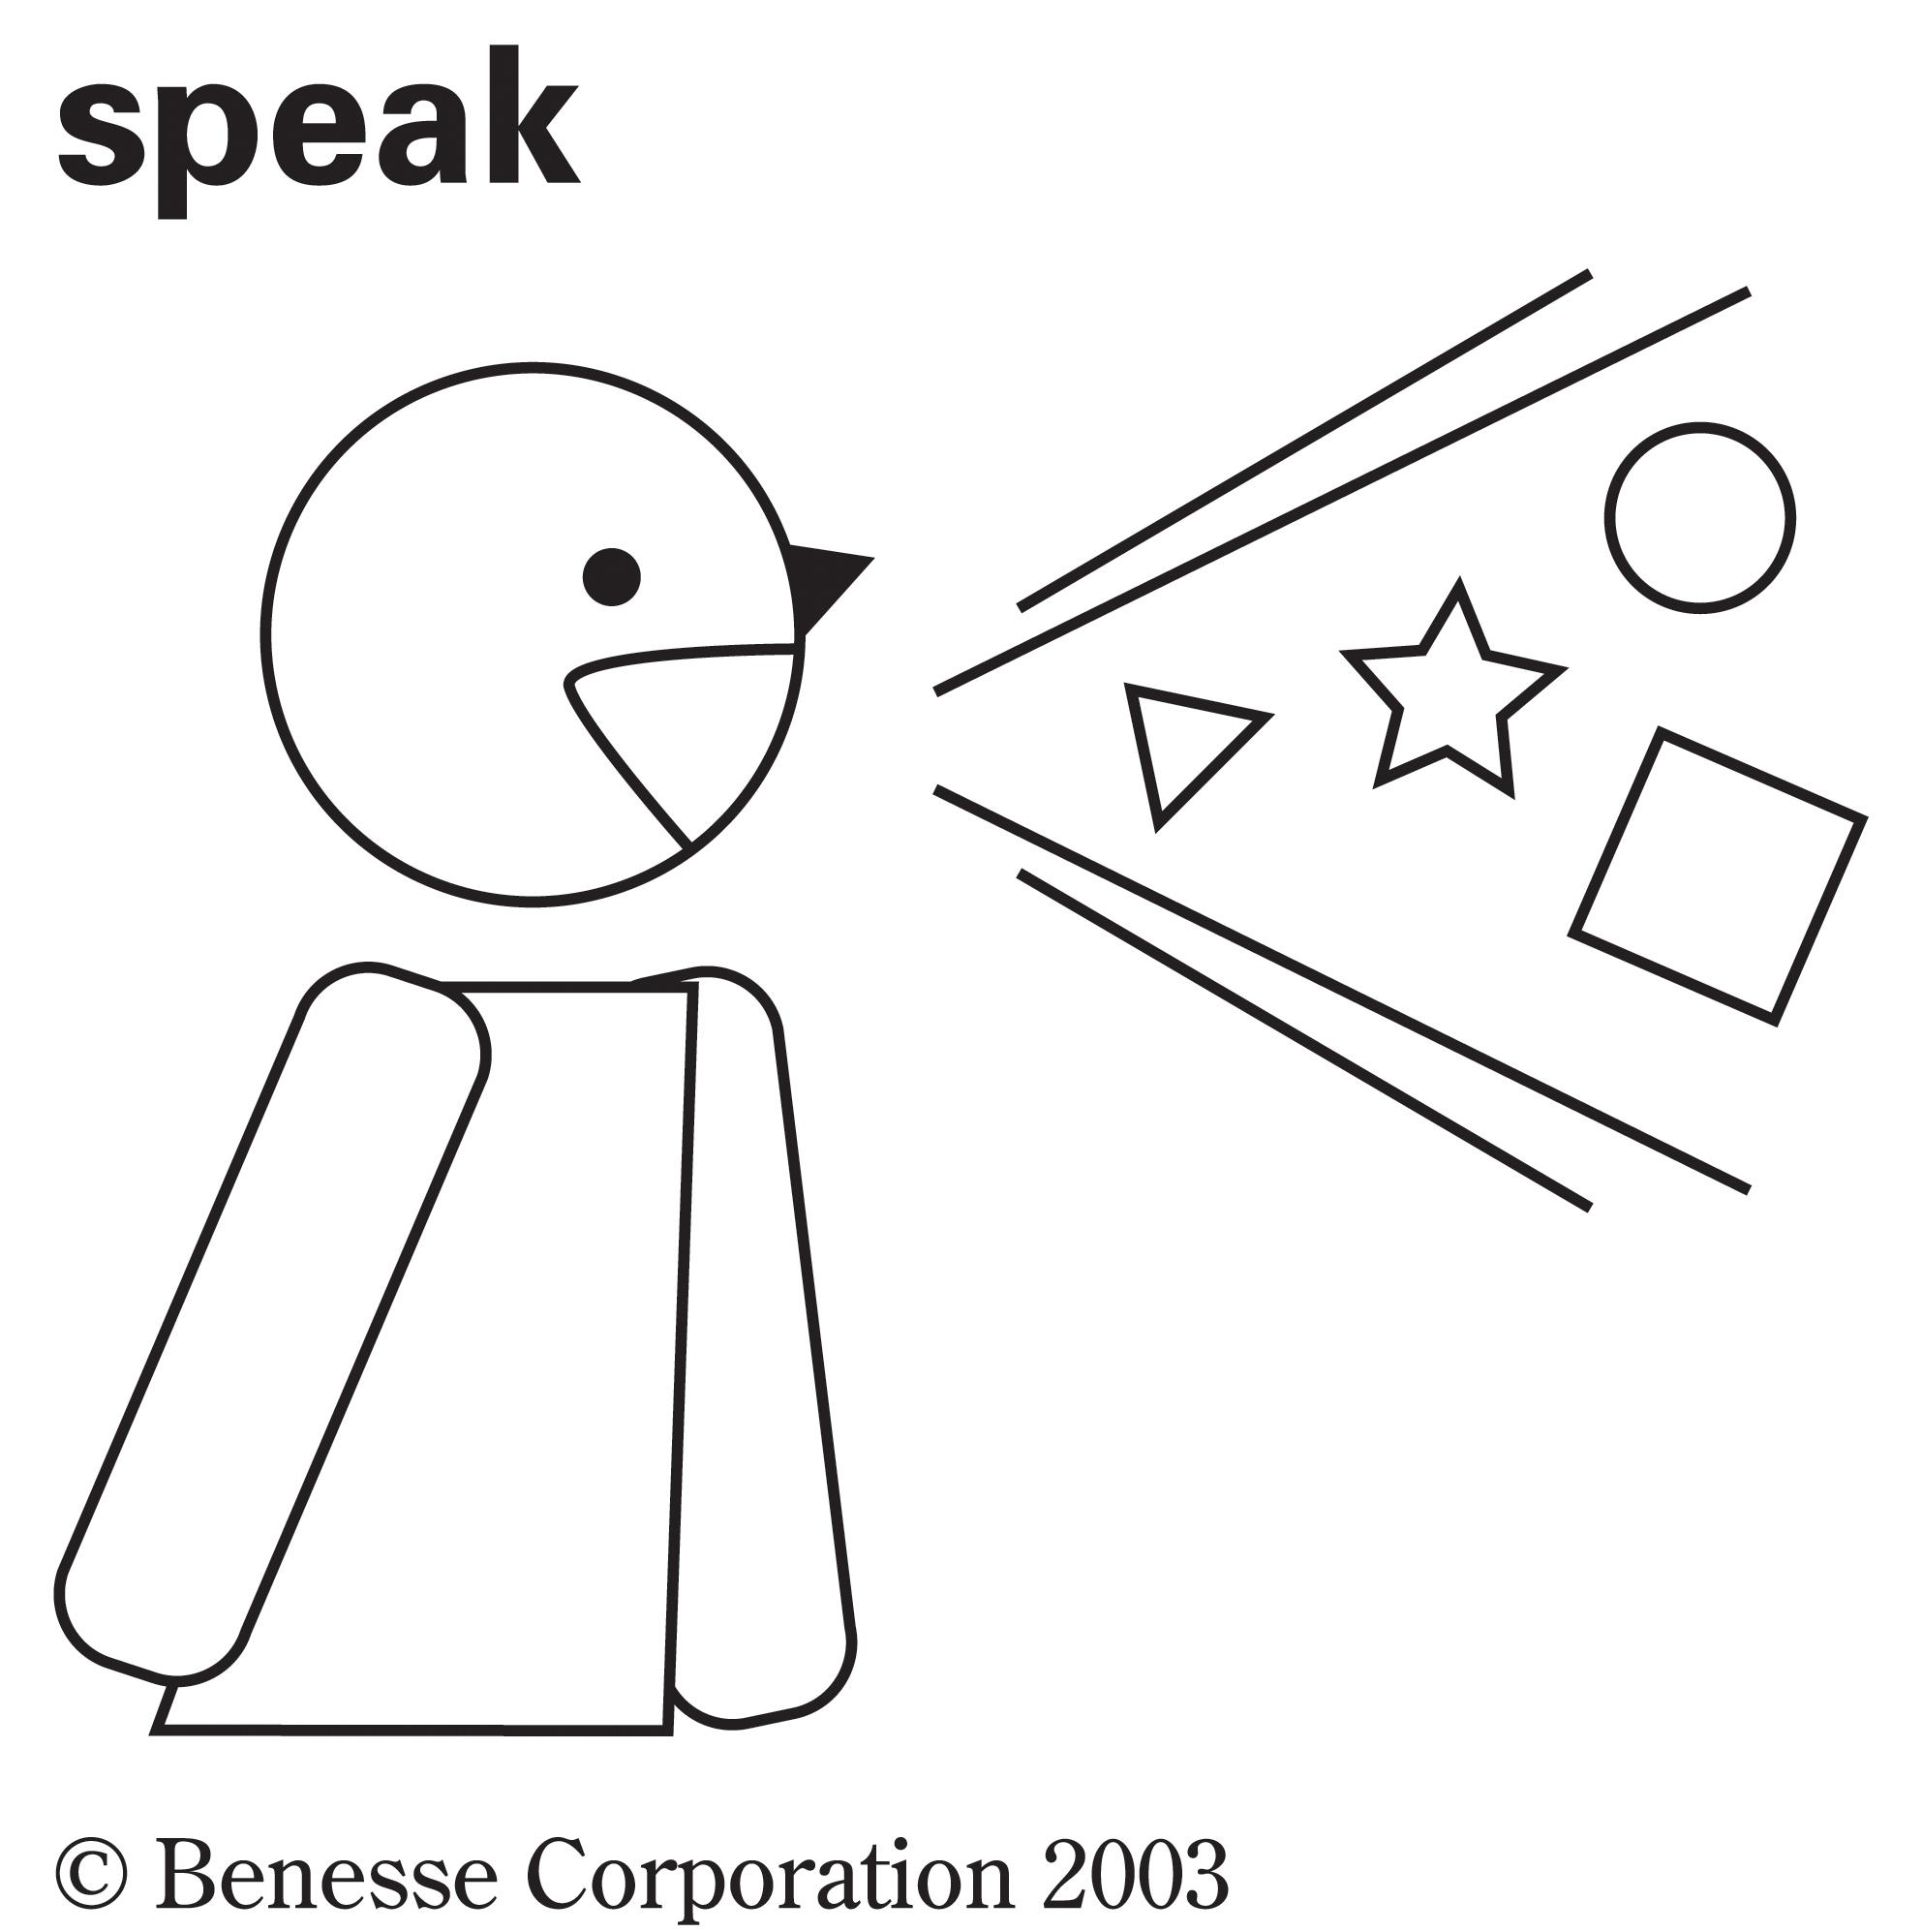 speak01.jpg